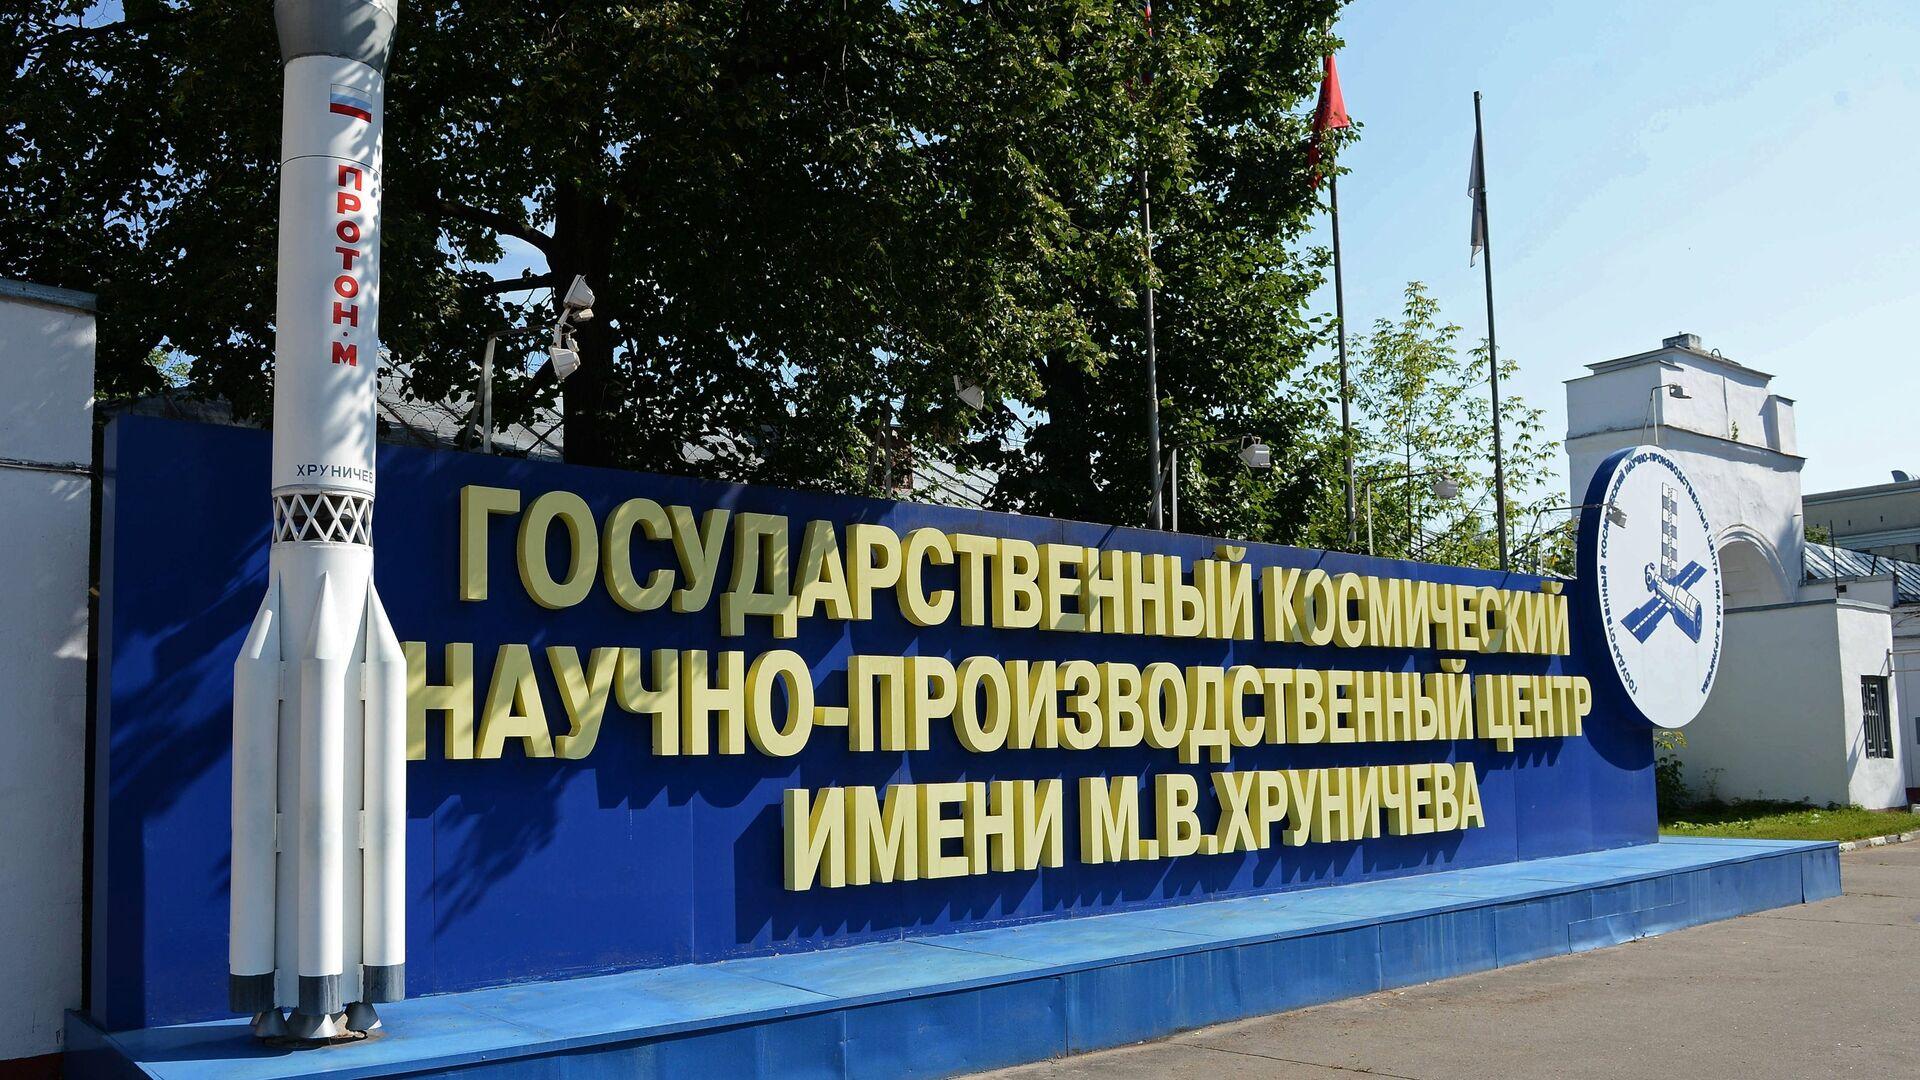 Д.Рогозин посетил ГКНПЦ имени М.В.Хруничева - РИА Новости, 1920, 30.09.2020